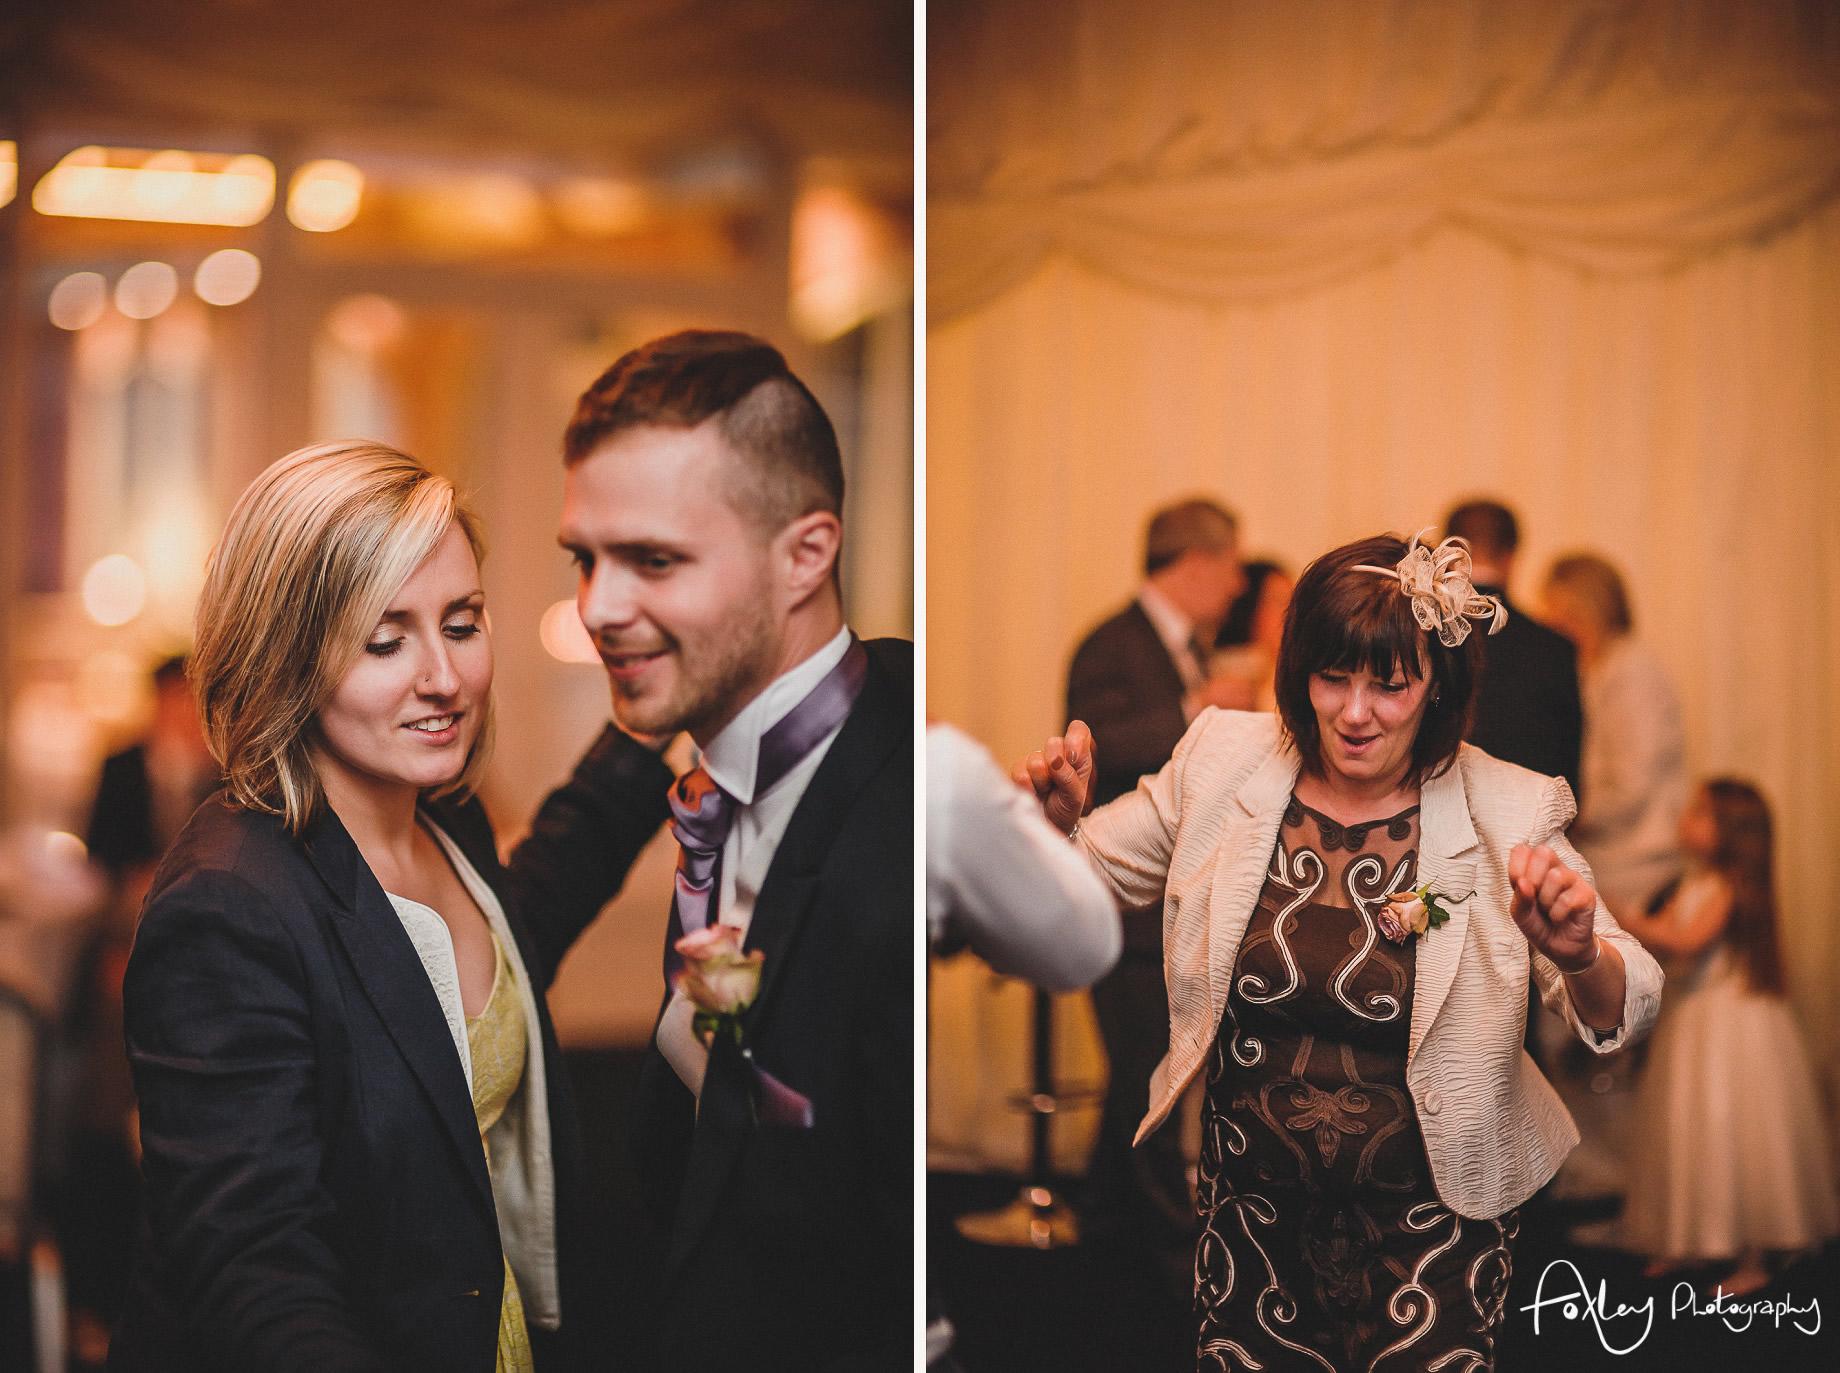 Simona-and-Robert-Wedding-at-Colshaw-Hall-162